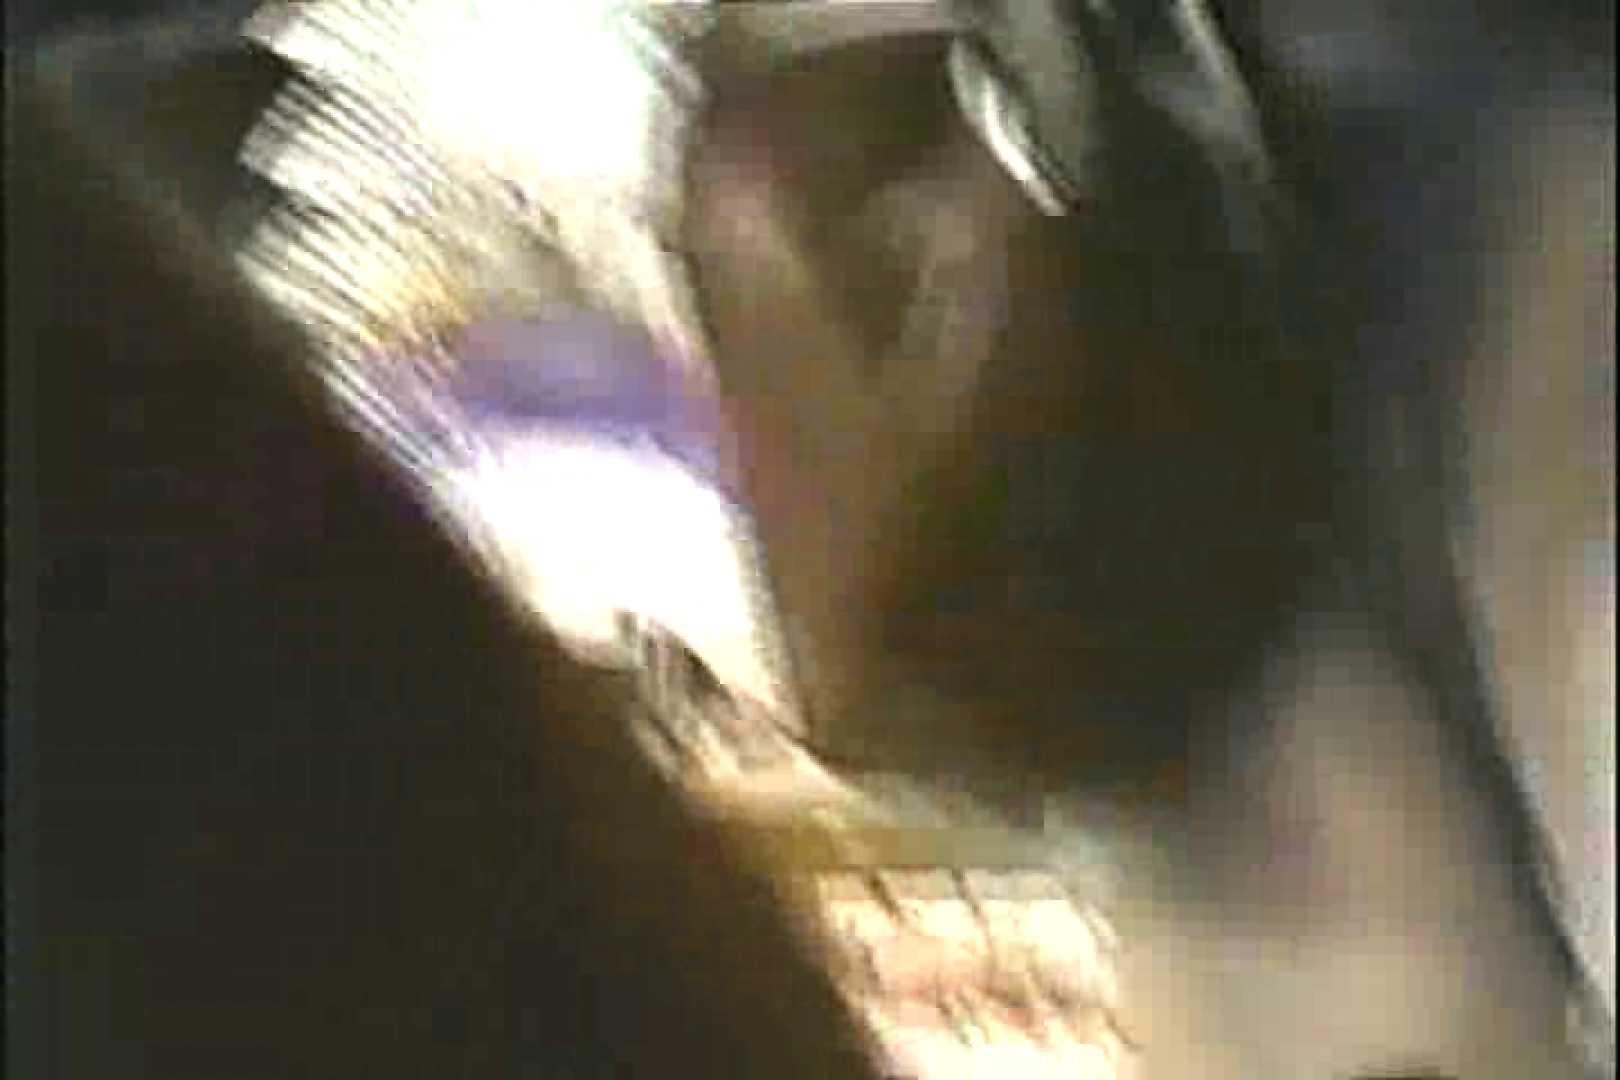 「ちくりん」さんのオリジナル未編集パンチラVol.3_01 レースクイーン  62枚 38